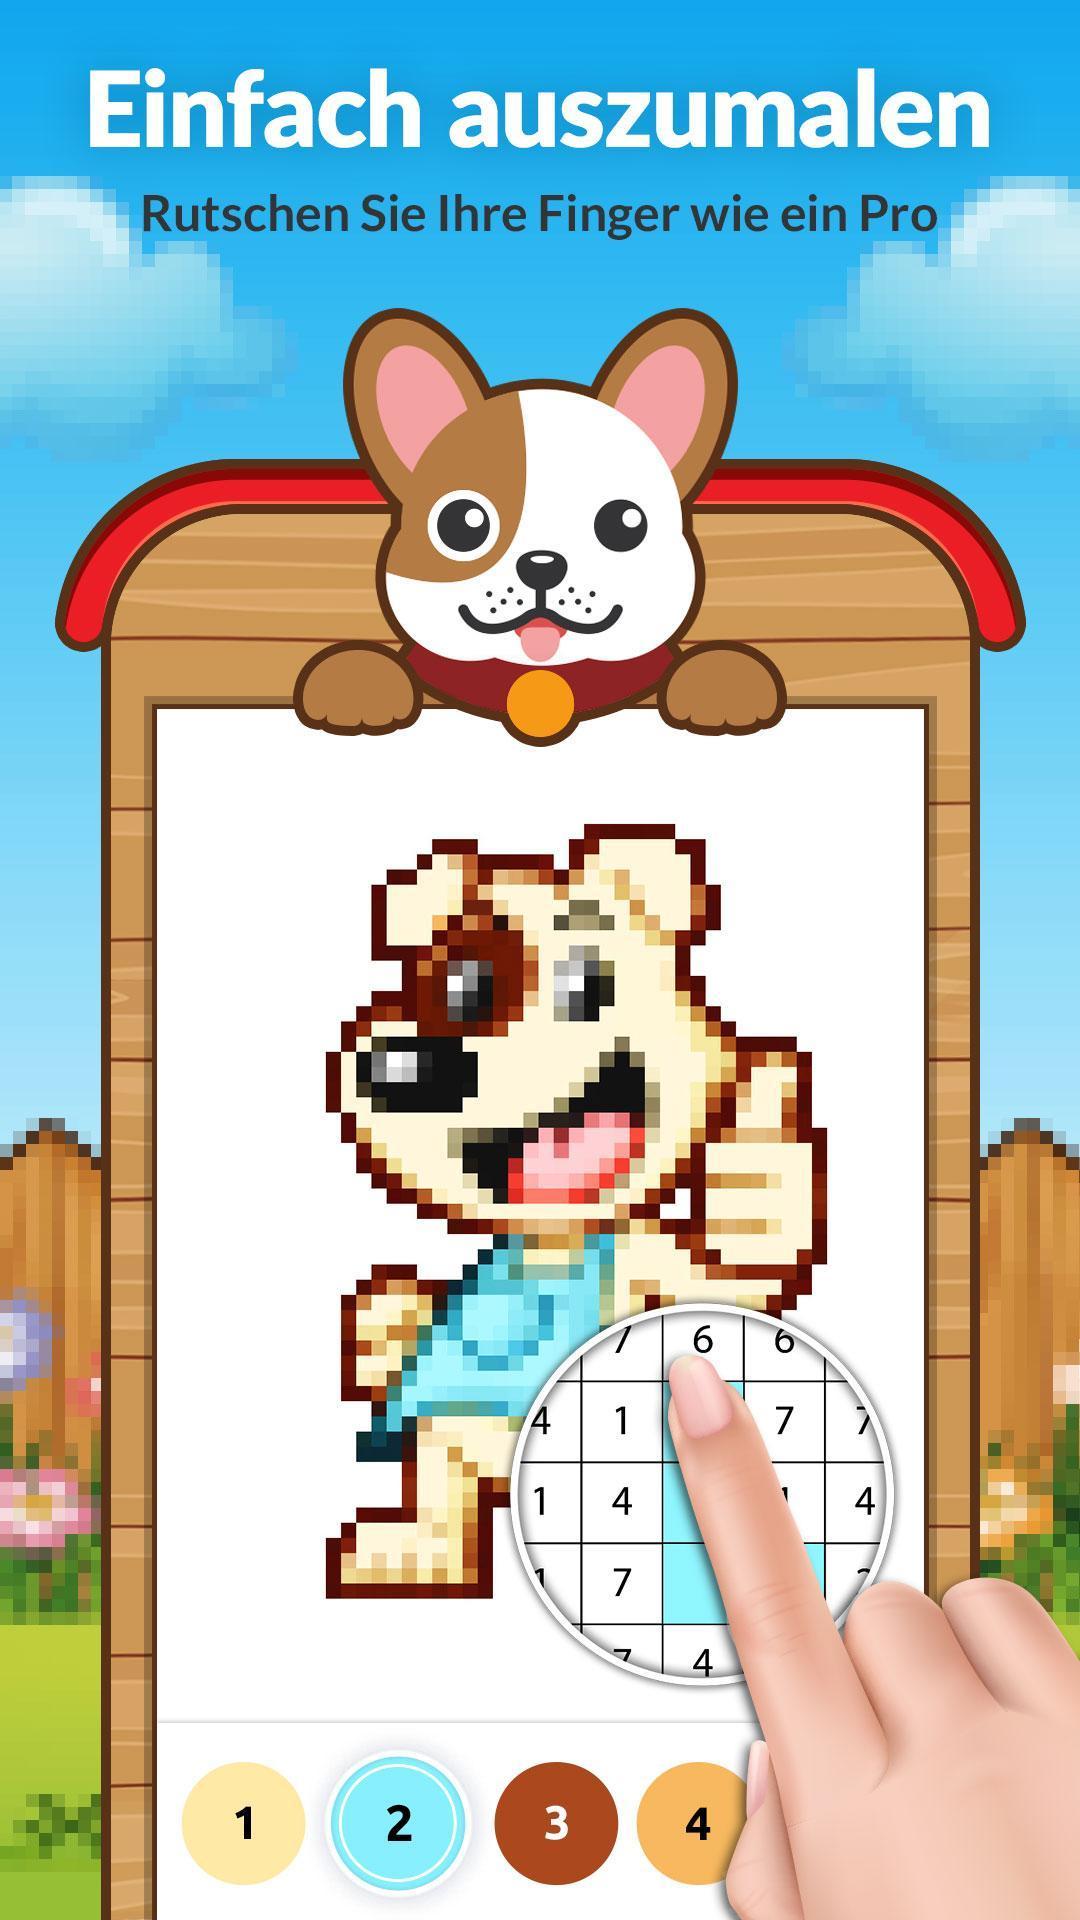 Malen Nach Zahlen Hund Ausmalbilder für Android - APK herunterladen